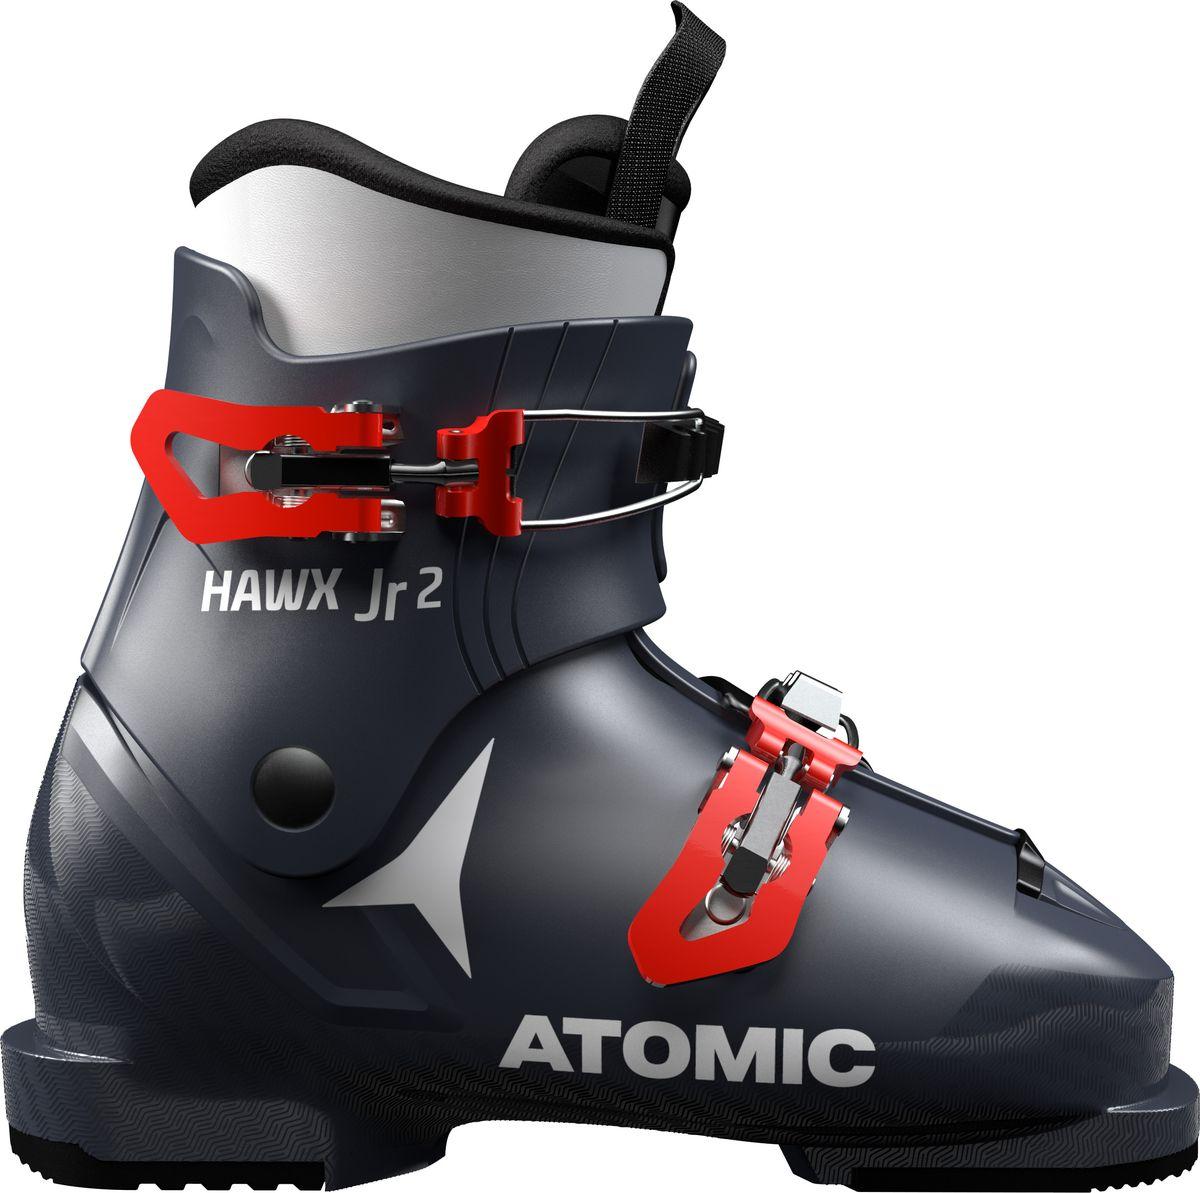 Горнолыжные ботинки Atomic Hawx Jr 3 помогают юным лыжникам с удовольствием кататься по трассам и вне трасс, как по жесткому, так и по мягкому снегу. В модели Hawx Jr 3 мы перешли к конструкции с тремя застежками, чтобы лучше фиксировать ногу при сохранении комфорта. Поскольку маленькие дети растут очень быстро и у них быстро увеличивается размер ног, ботинки комплектуются вкладками Size Adjuster, компенсирующими половину размера. Установите вкладки, пока нога у ребенка маленькая, и уберите вкладки, когда они вырастут. У всех наших детских моделей используется прогрессивная конструкция голенища: гибкость и высота голенища идеально соответствуют способностям и размеру лыжников. Модель Hawx Jr 3 отличается более жесткой поддержкой и повышенной упругостью по сравнению с моделью Jr 2, и выпускается в следующем диапазоне размеров.Внутренний ботинок BronzeКлипса из поликарбоната + макрорегулировкаМодель для детей и подростковВес 1130 г. для размера 22/22.5